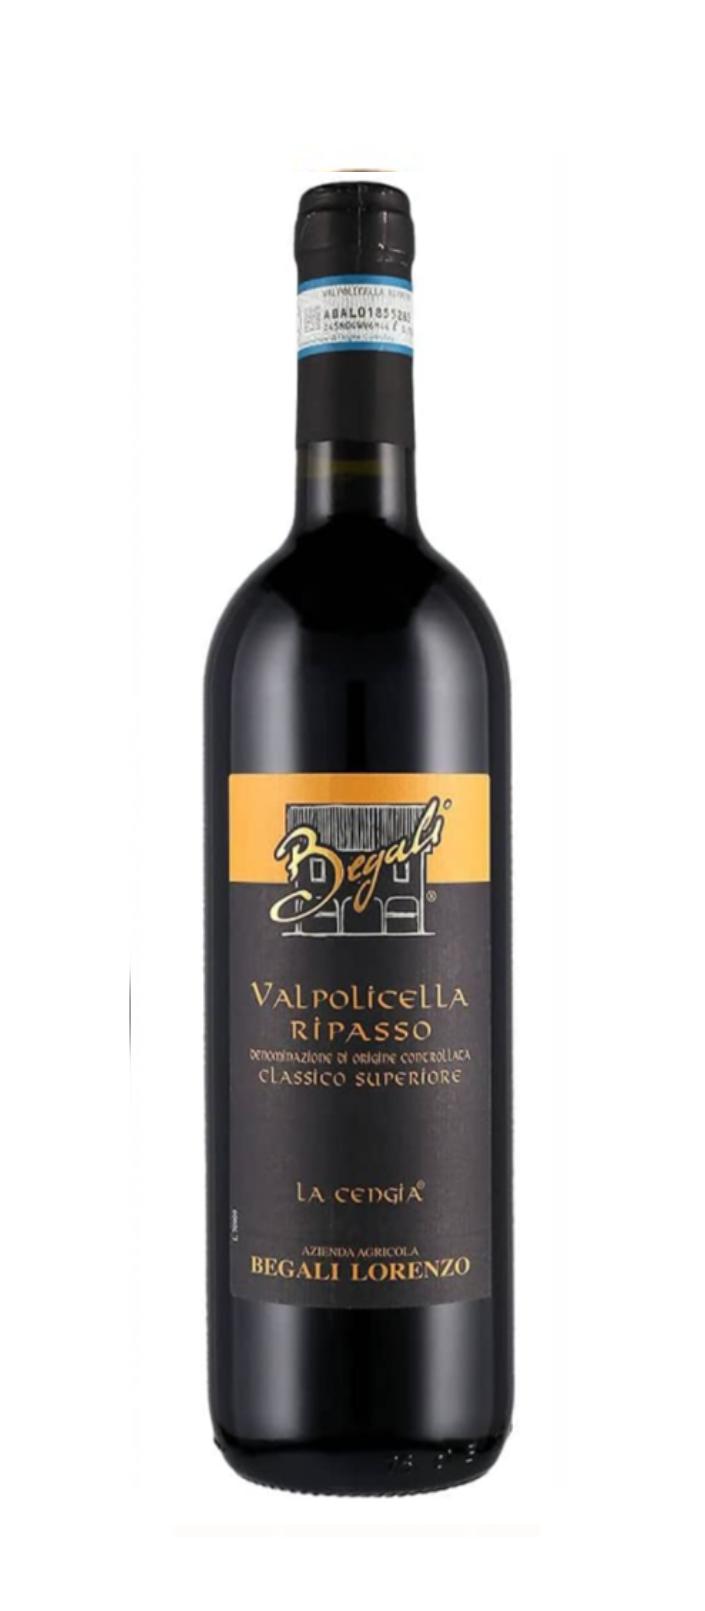 Valpolicella Ripasso 2018